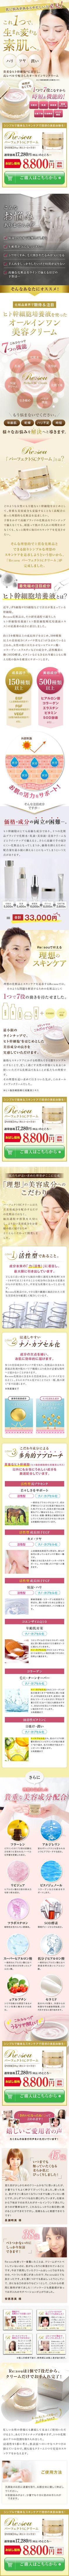 スマホのランディングページ(LP)制作実績。静岡県三島市のpicoroより制作依頼を受け、美容・健康・医療品のRe:sou Perfect SC Creamスマホ用の商品ページをデザイン。LPOならランディングページ制作.jp